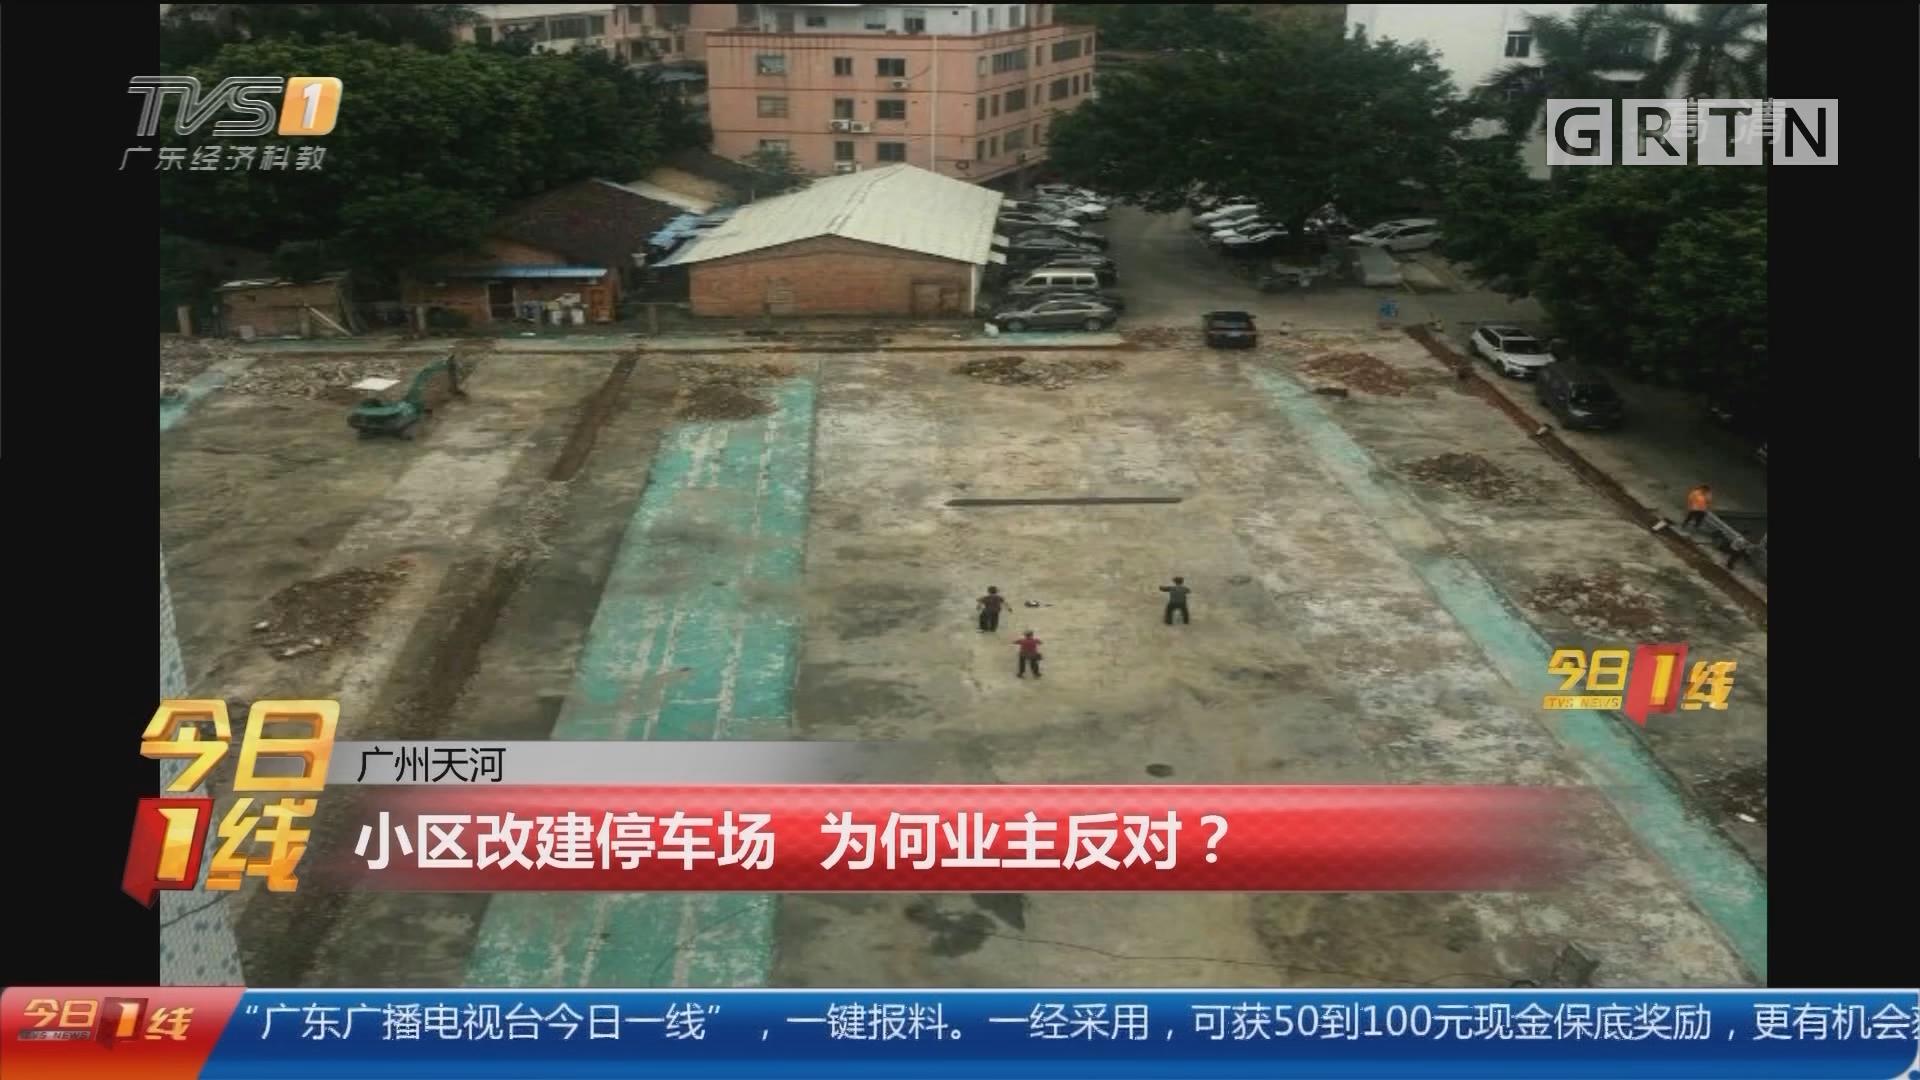 广州天河:小区改建停车场 为何业主反对?